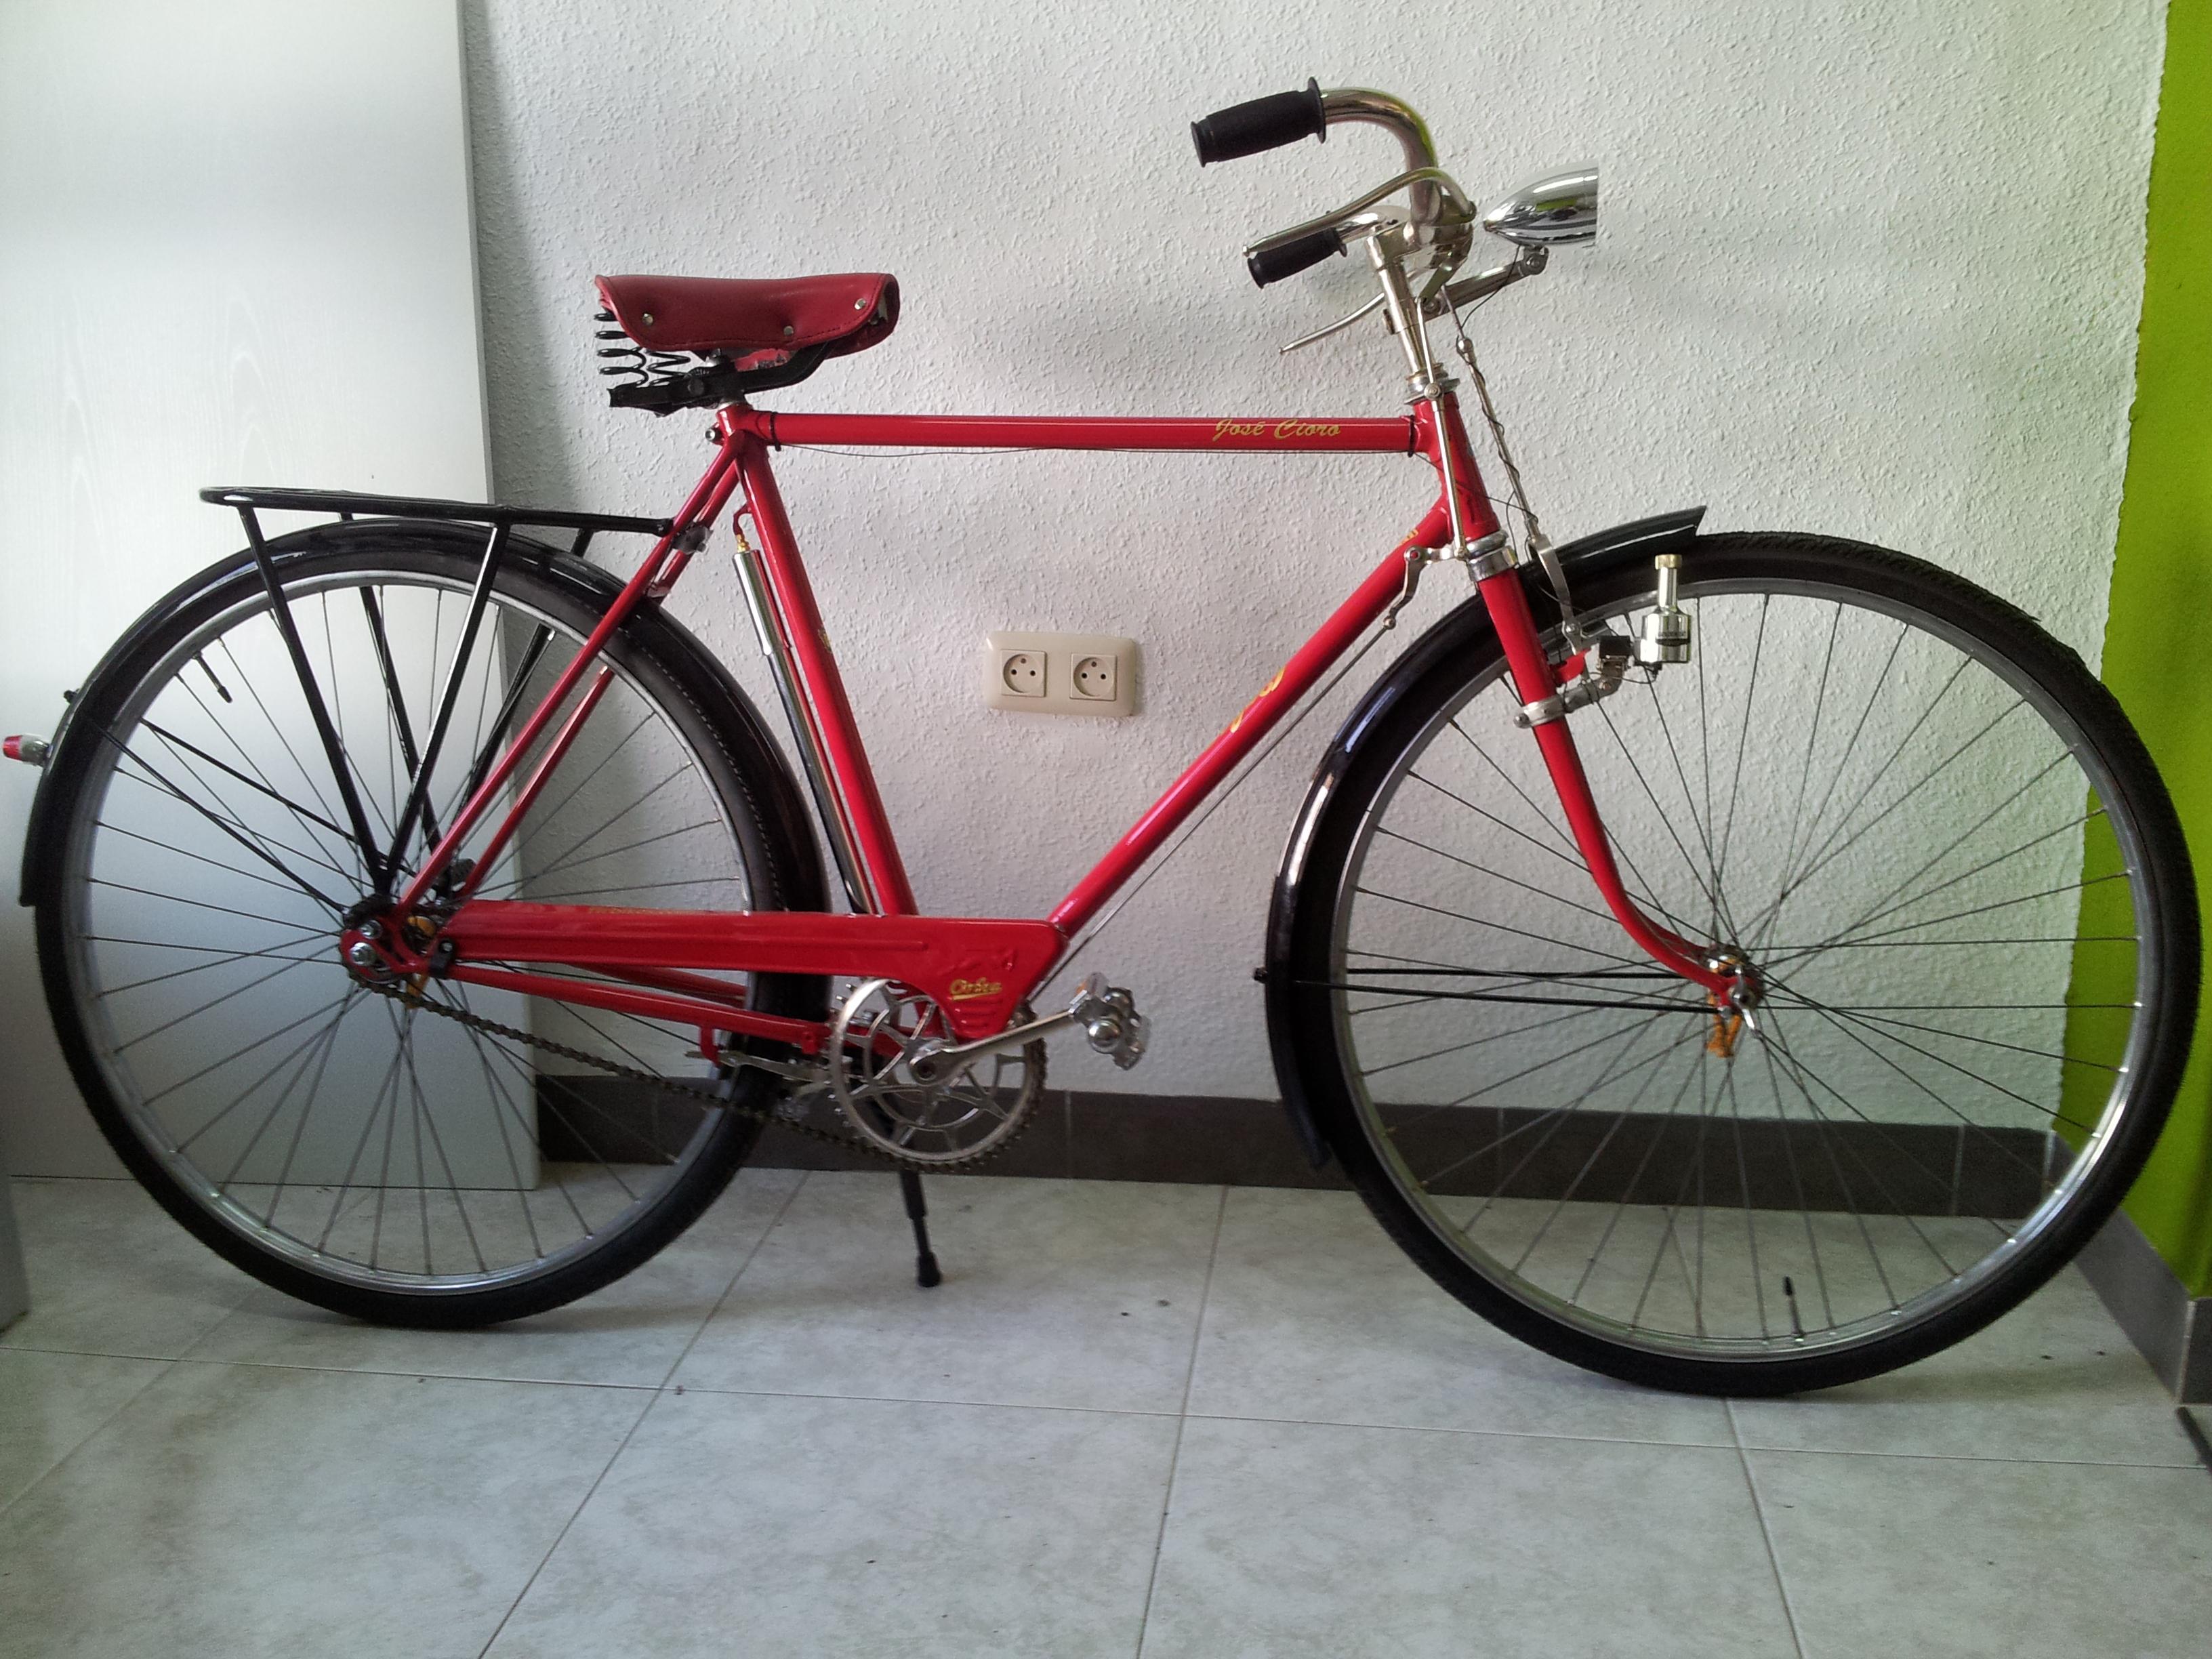 Bicicletas | FLR bikes | Página 2